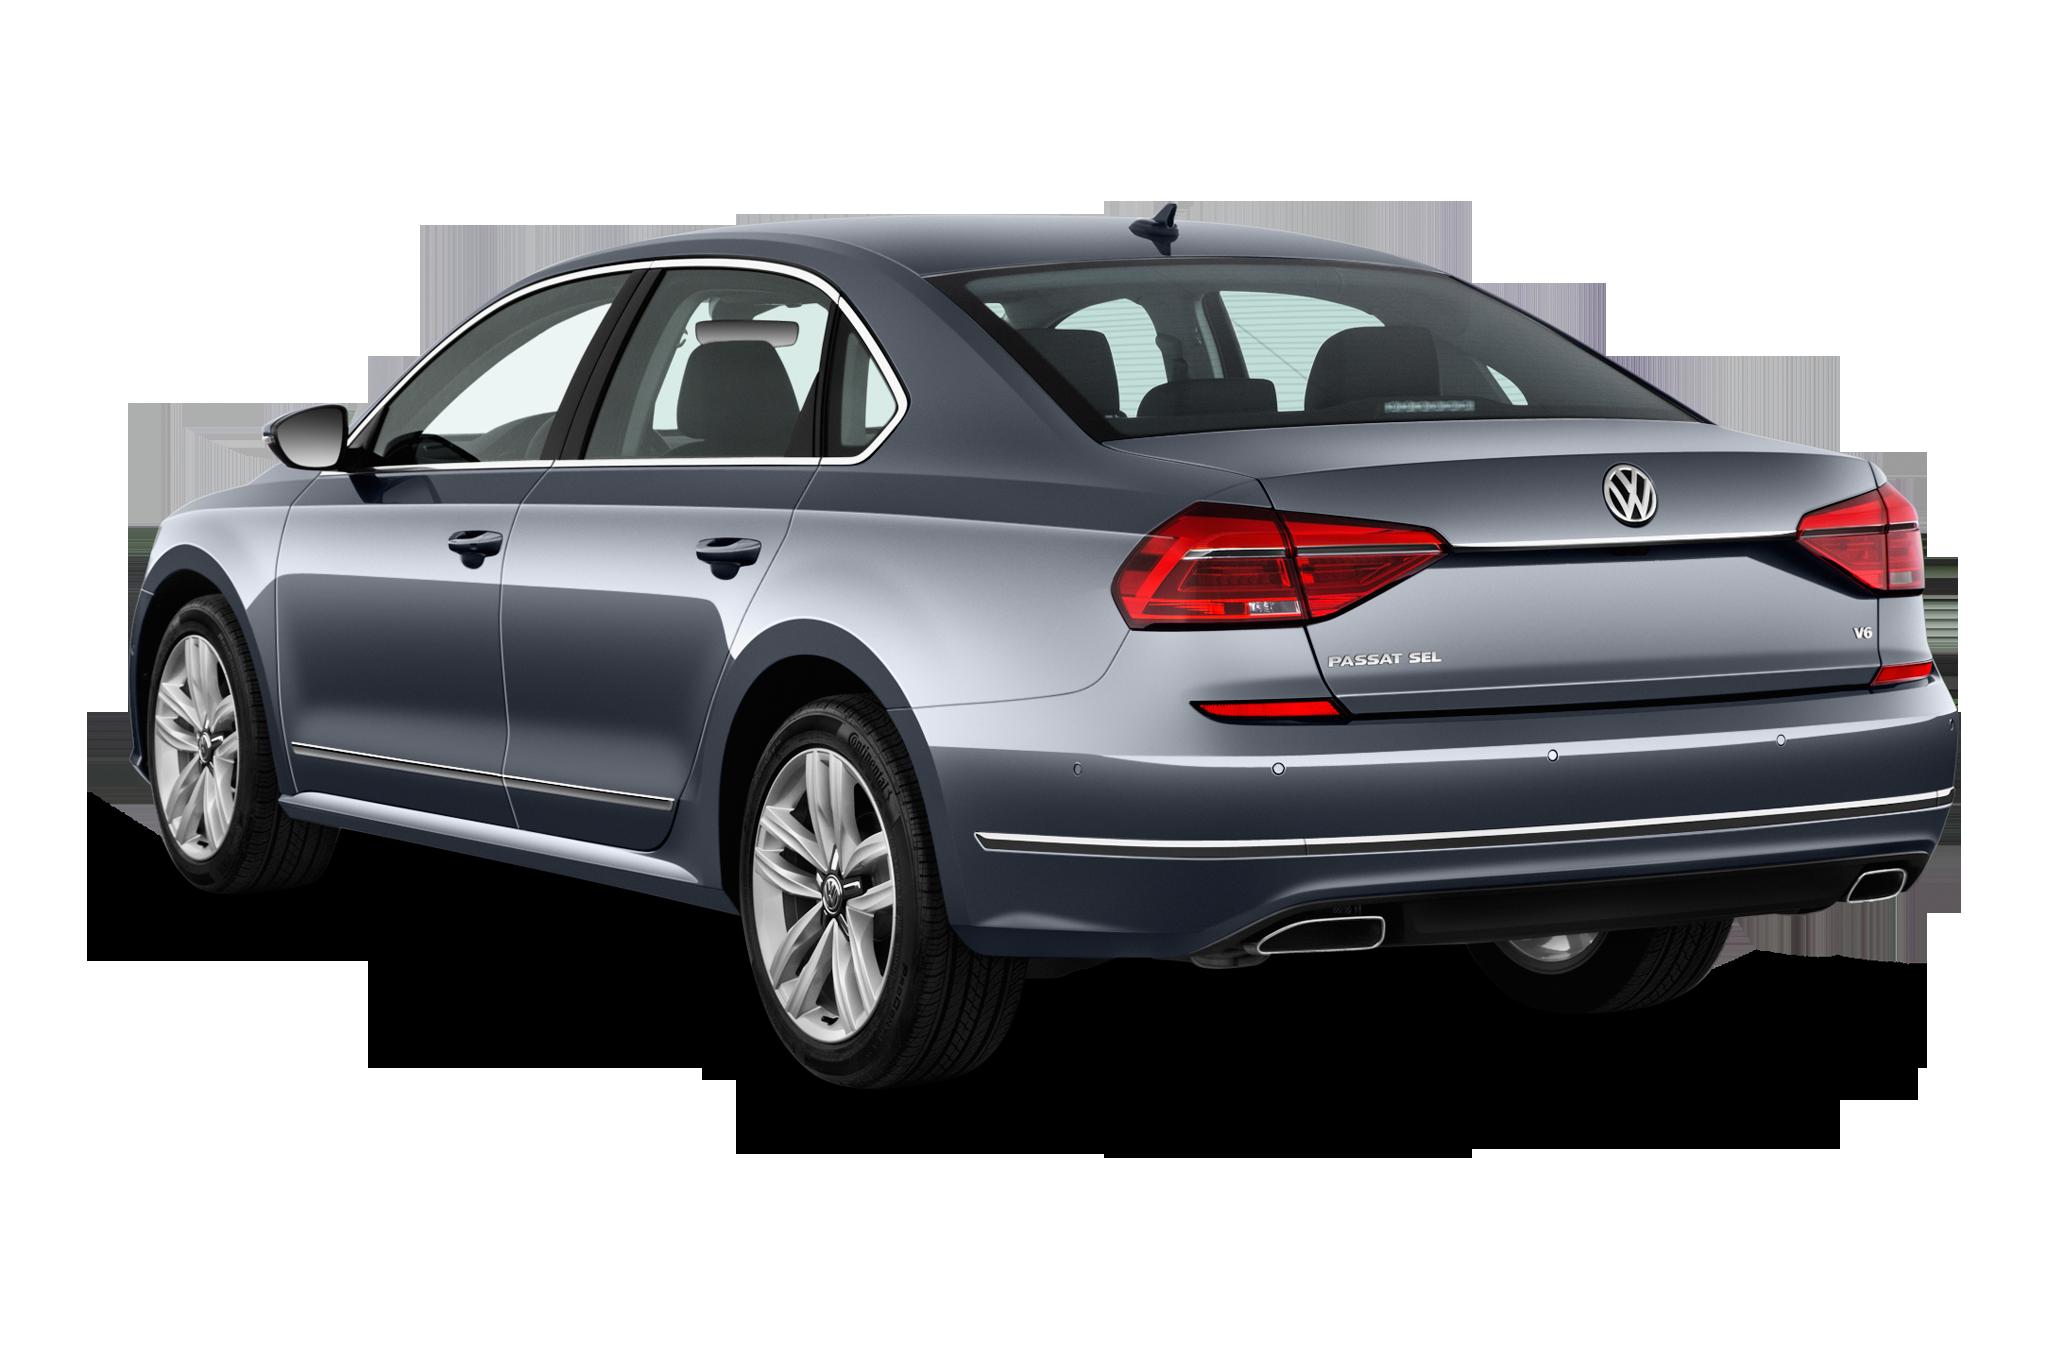 2018 volkswagen passat release date 2018 cars release 2019 volkswagen pinterest volkswagen and cars